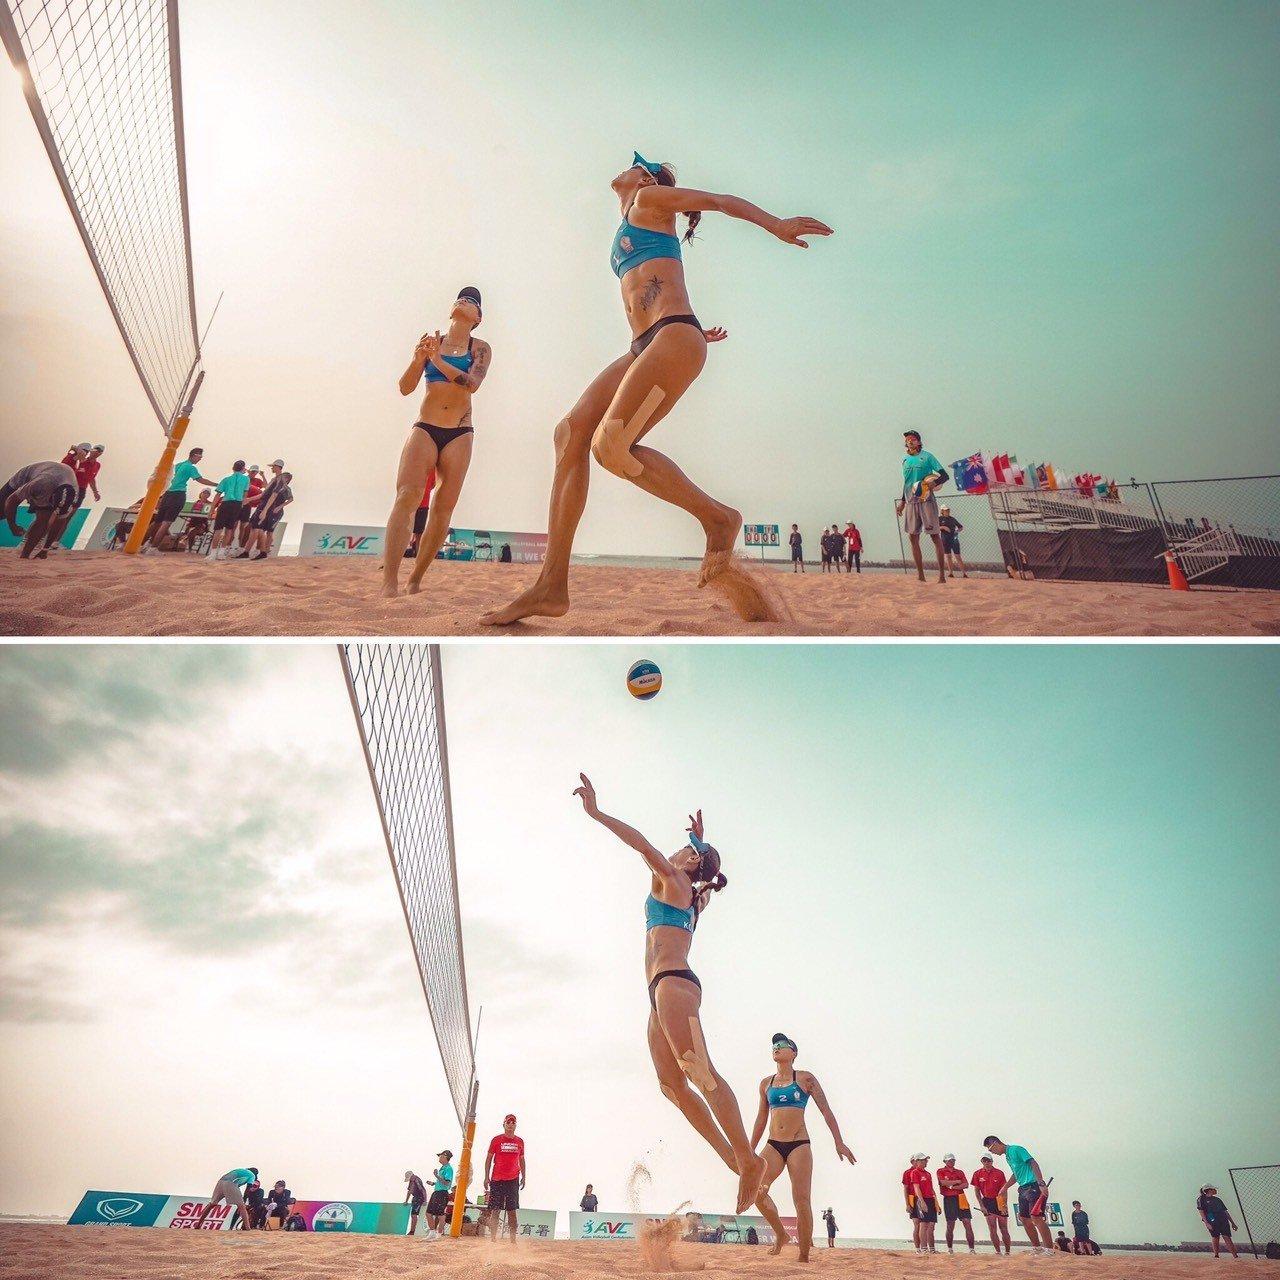 沙灘排球與隊友的默契培養非常重要